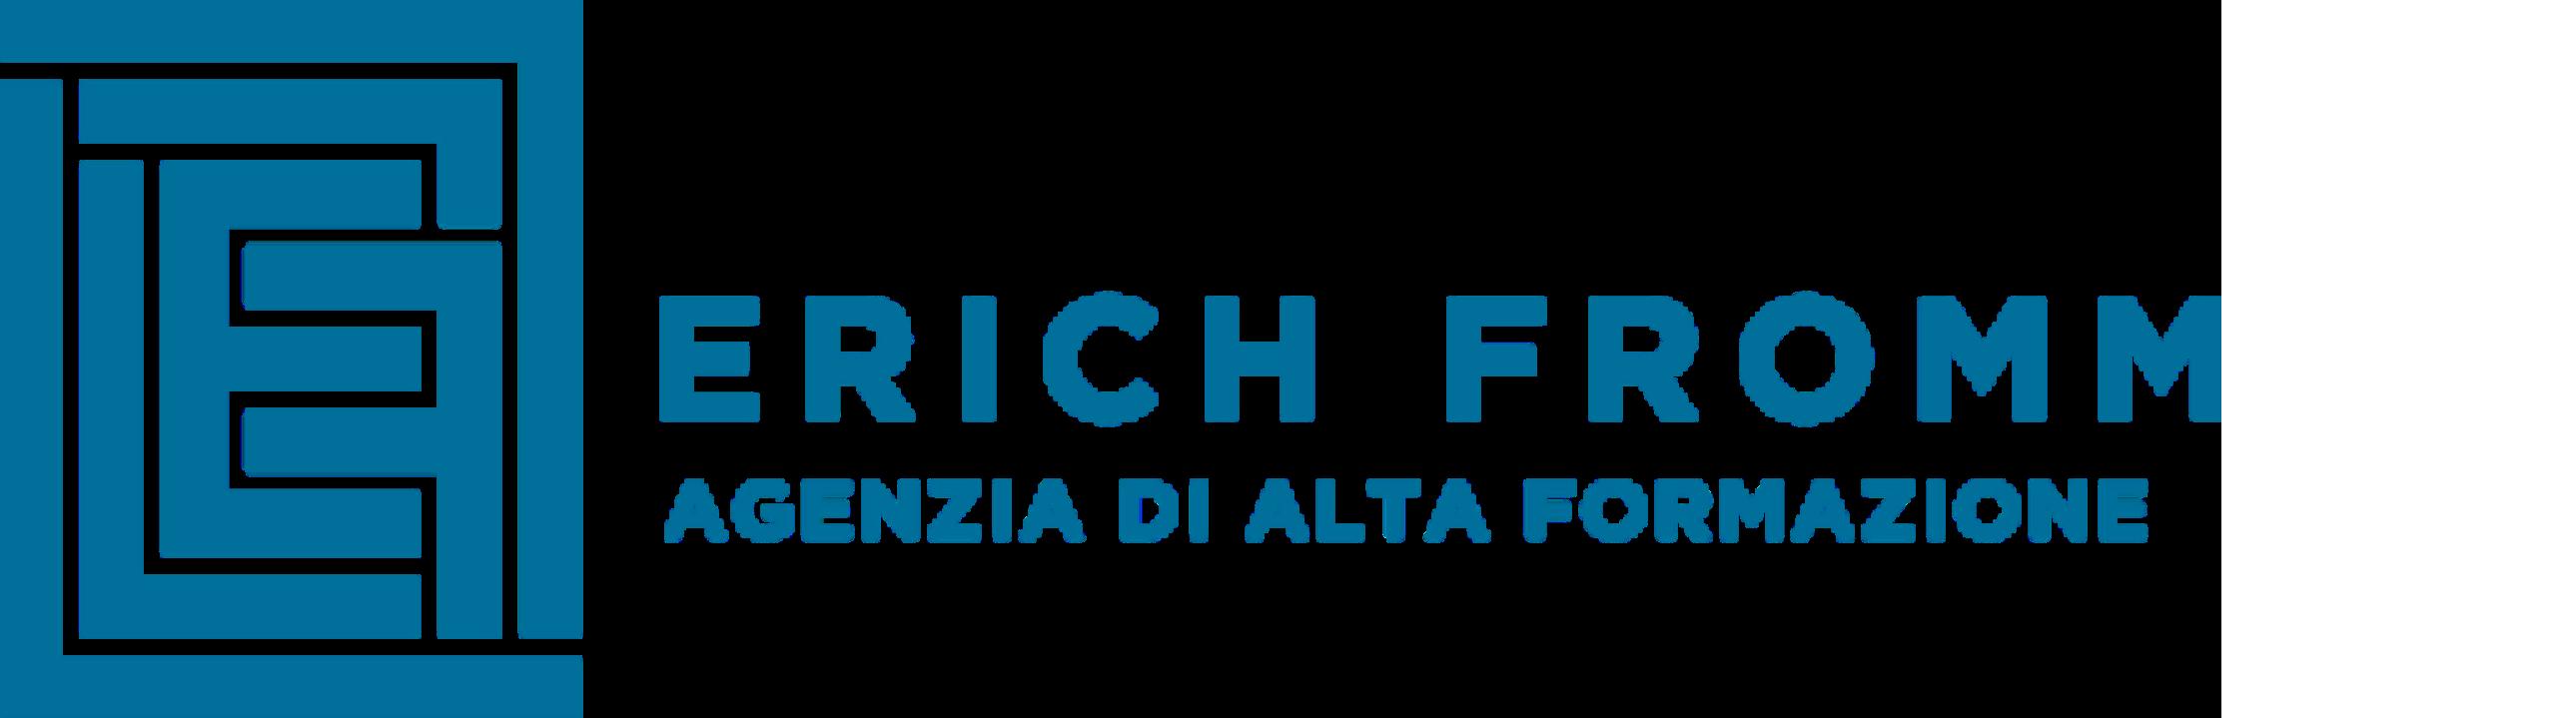 Erich Fromm - Agenzia di alta formazione